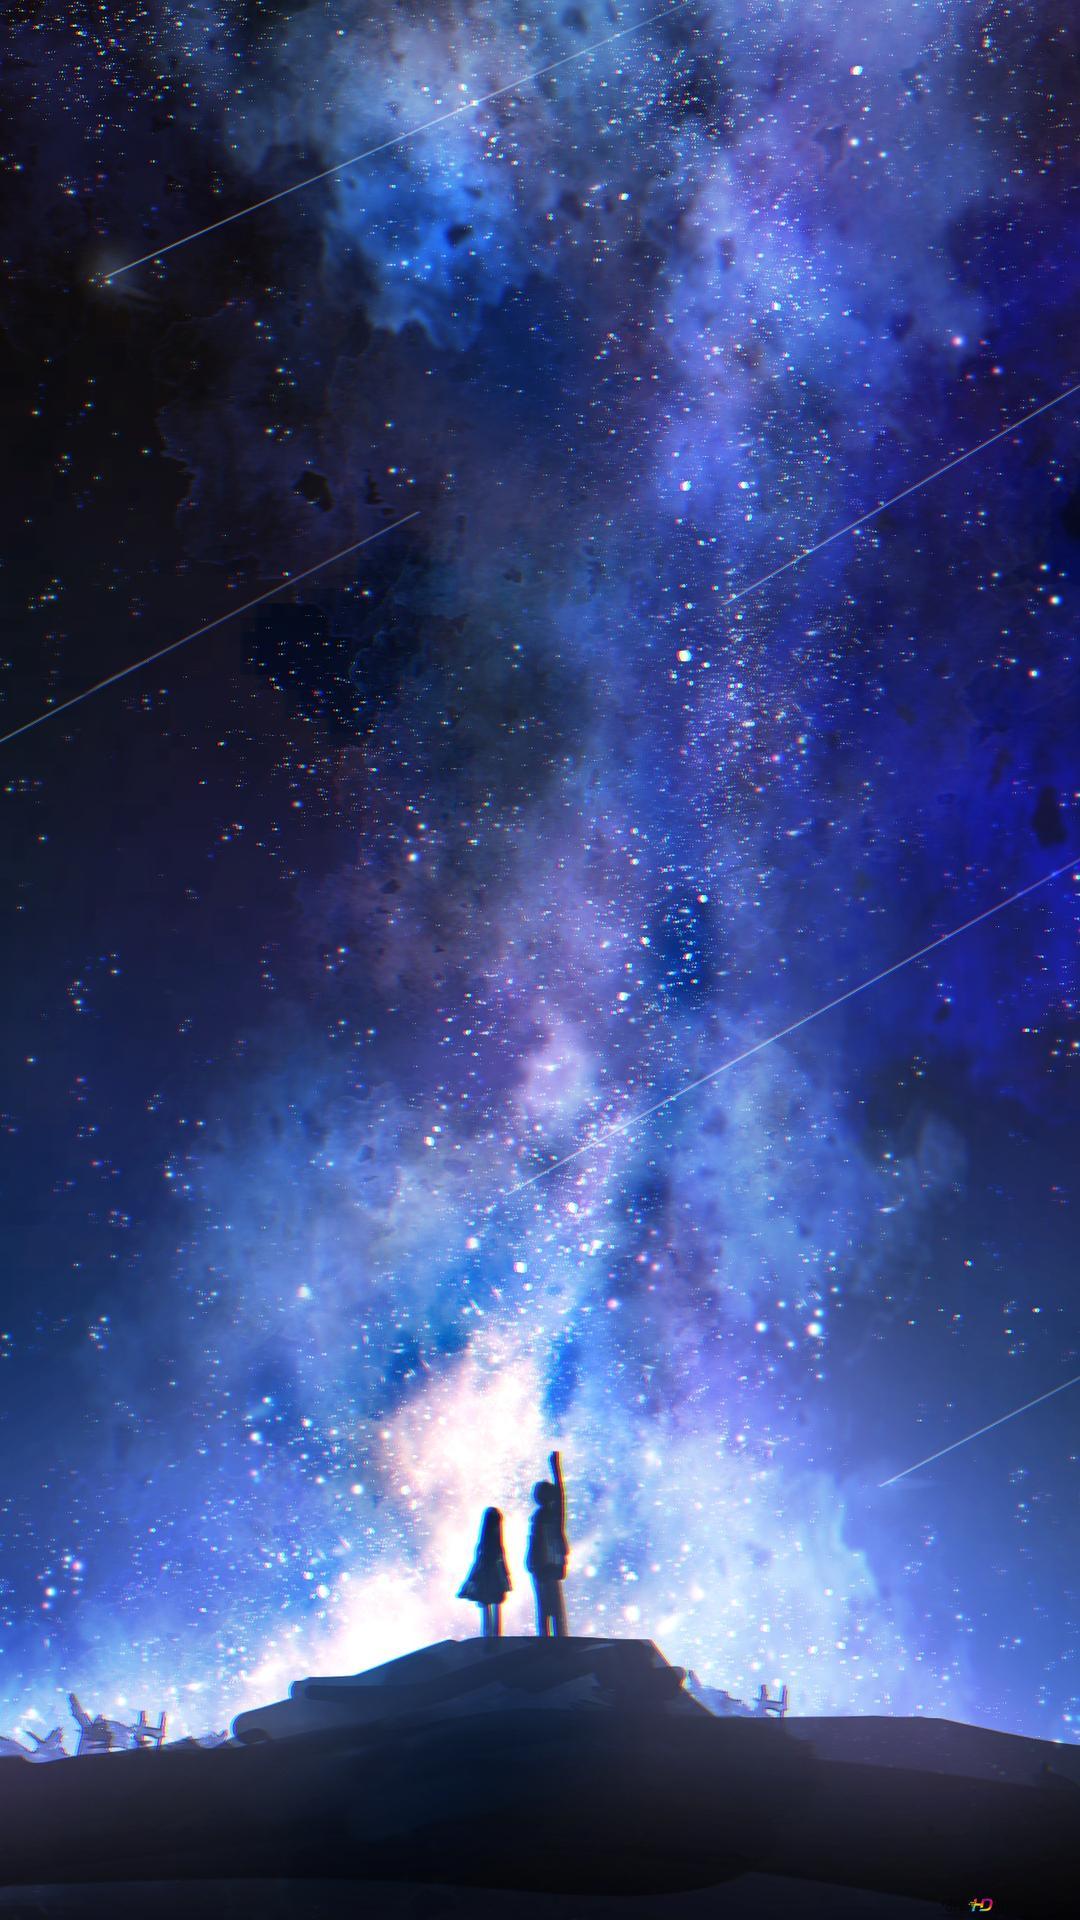 星空を見ます Hd壁紙のダウンロード